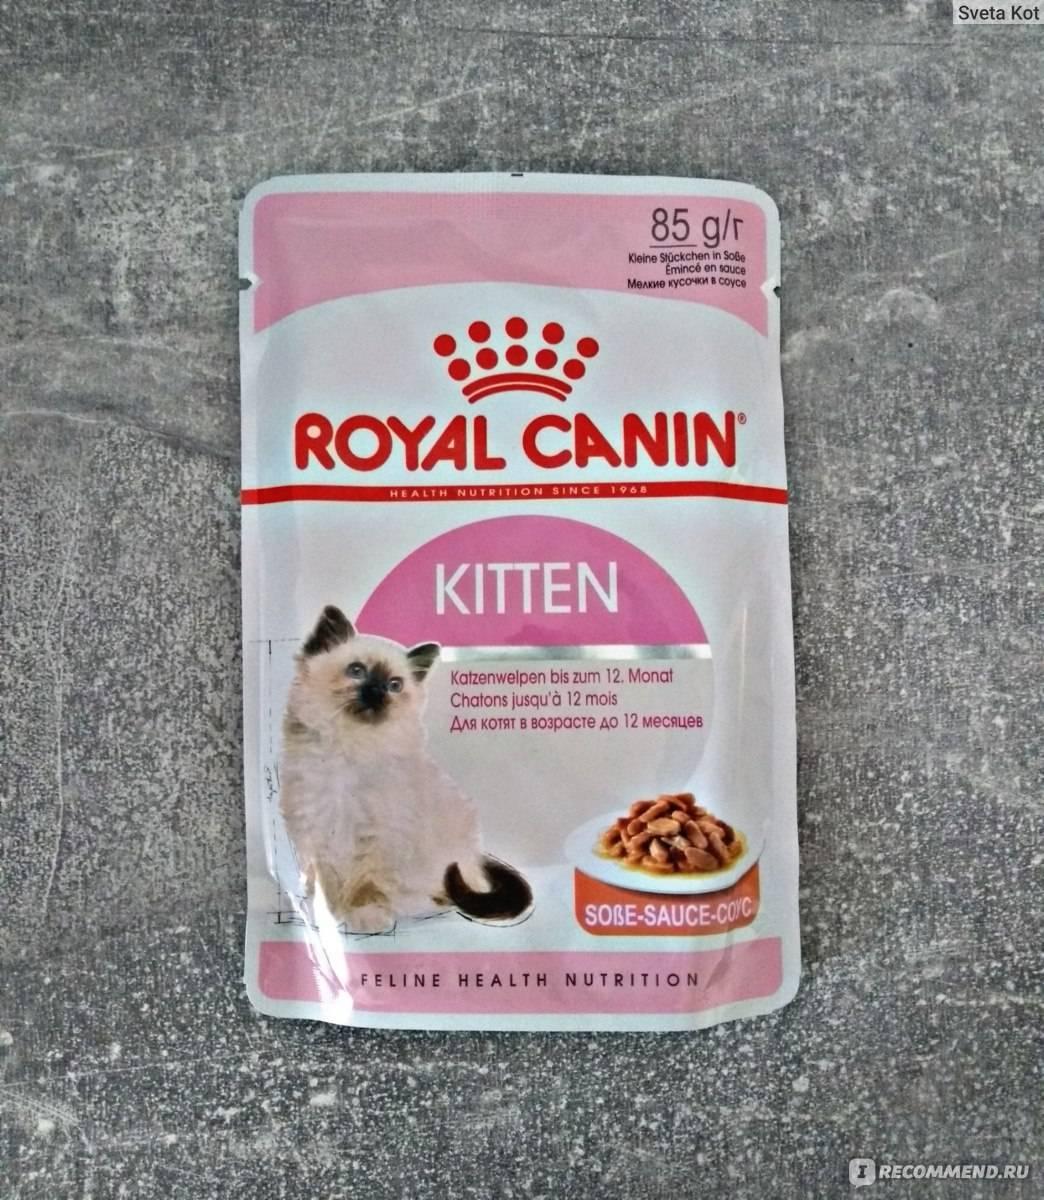 Корм для кошек роял канин (royal canin): обзор, виды, состав, отзывы